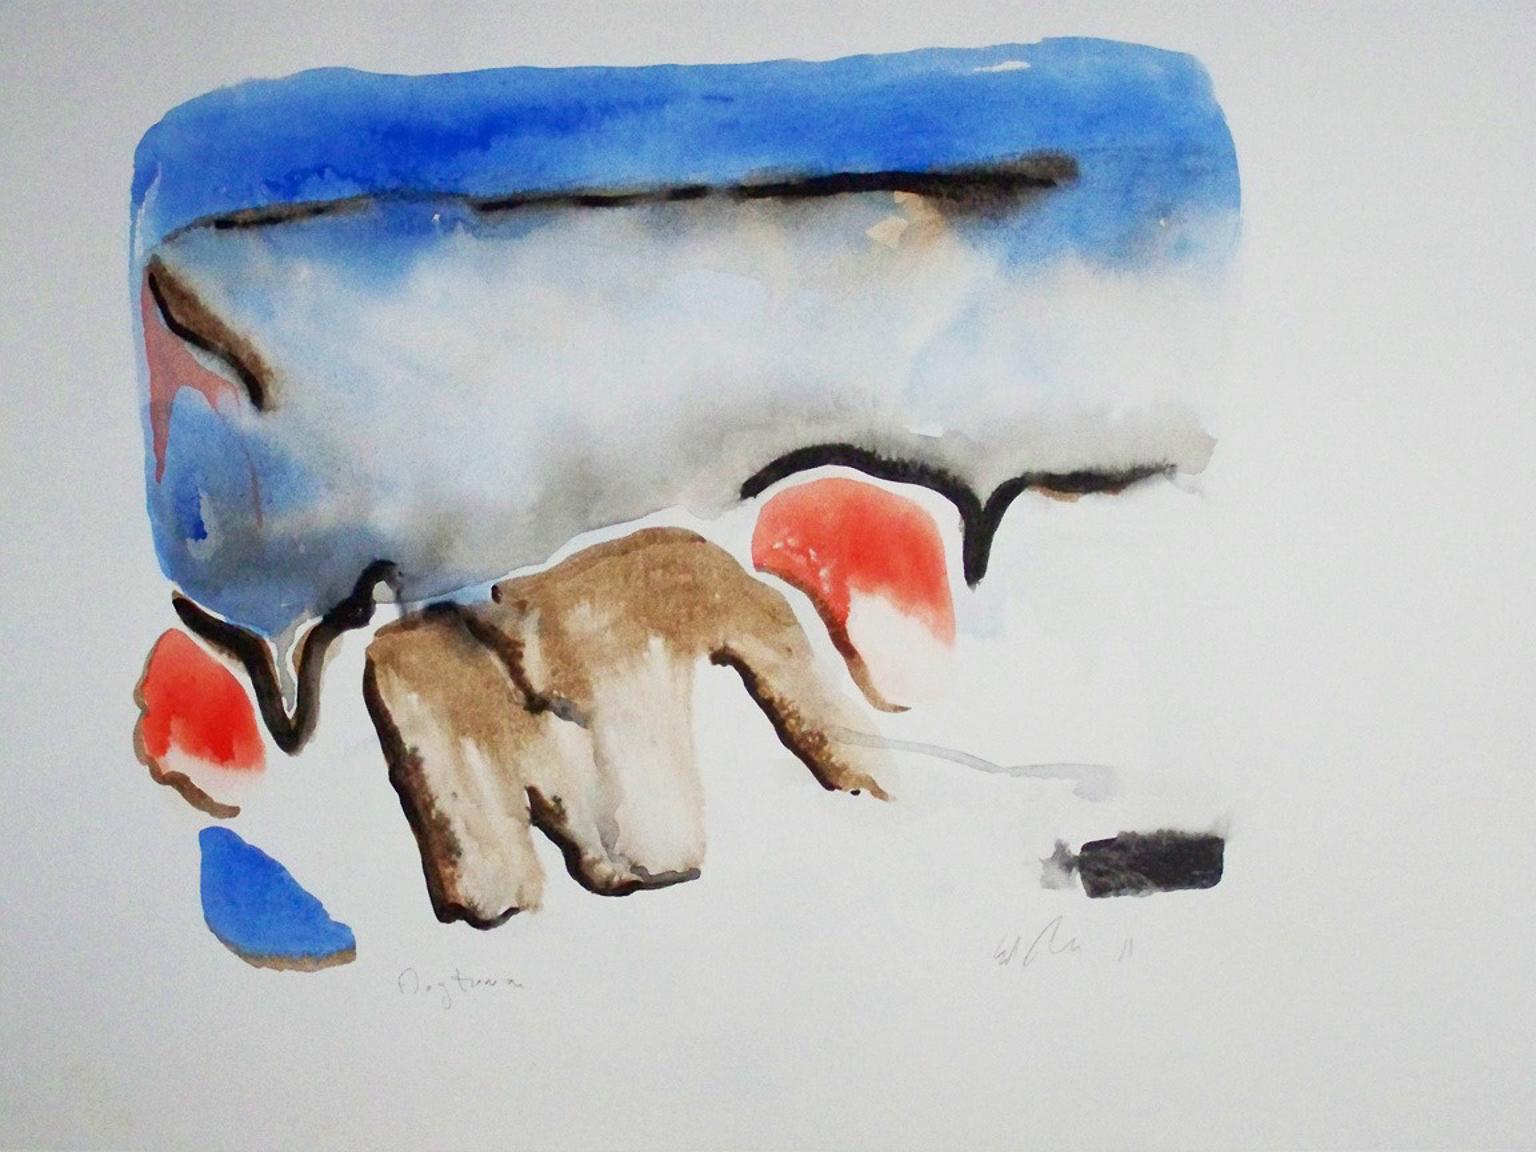 Bauhaus Drawings and Watercolor Paintings